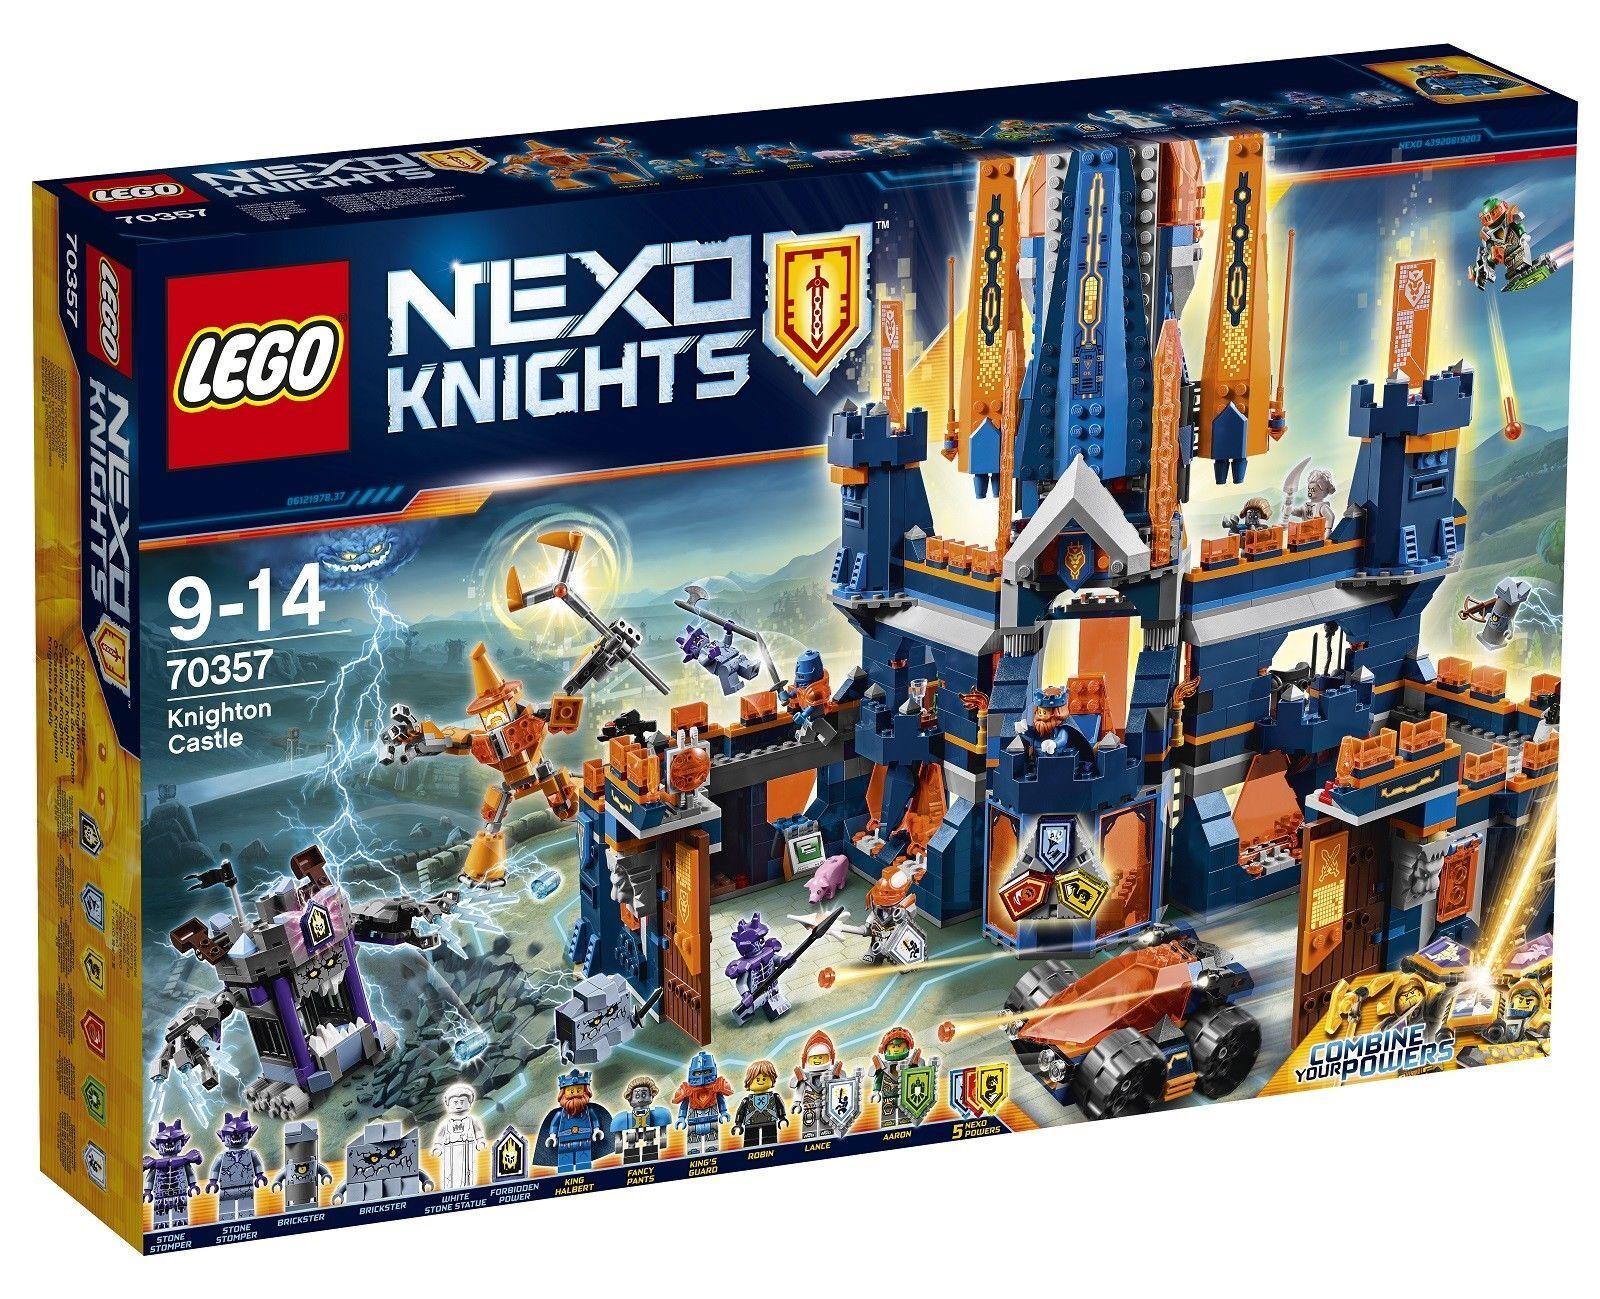 LEGO NEXO KNIGHTS - KNIGHTON CASTLE (70357) - BRAND NEW RETIRED